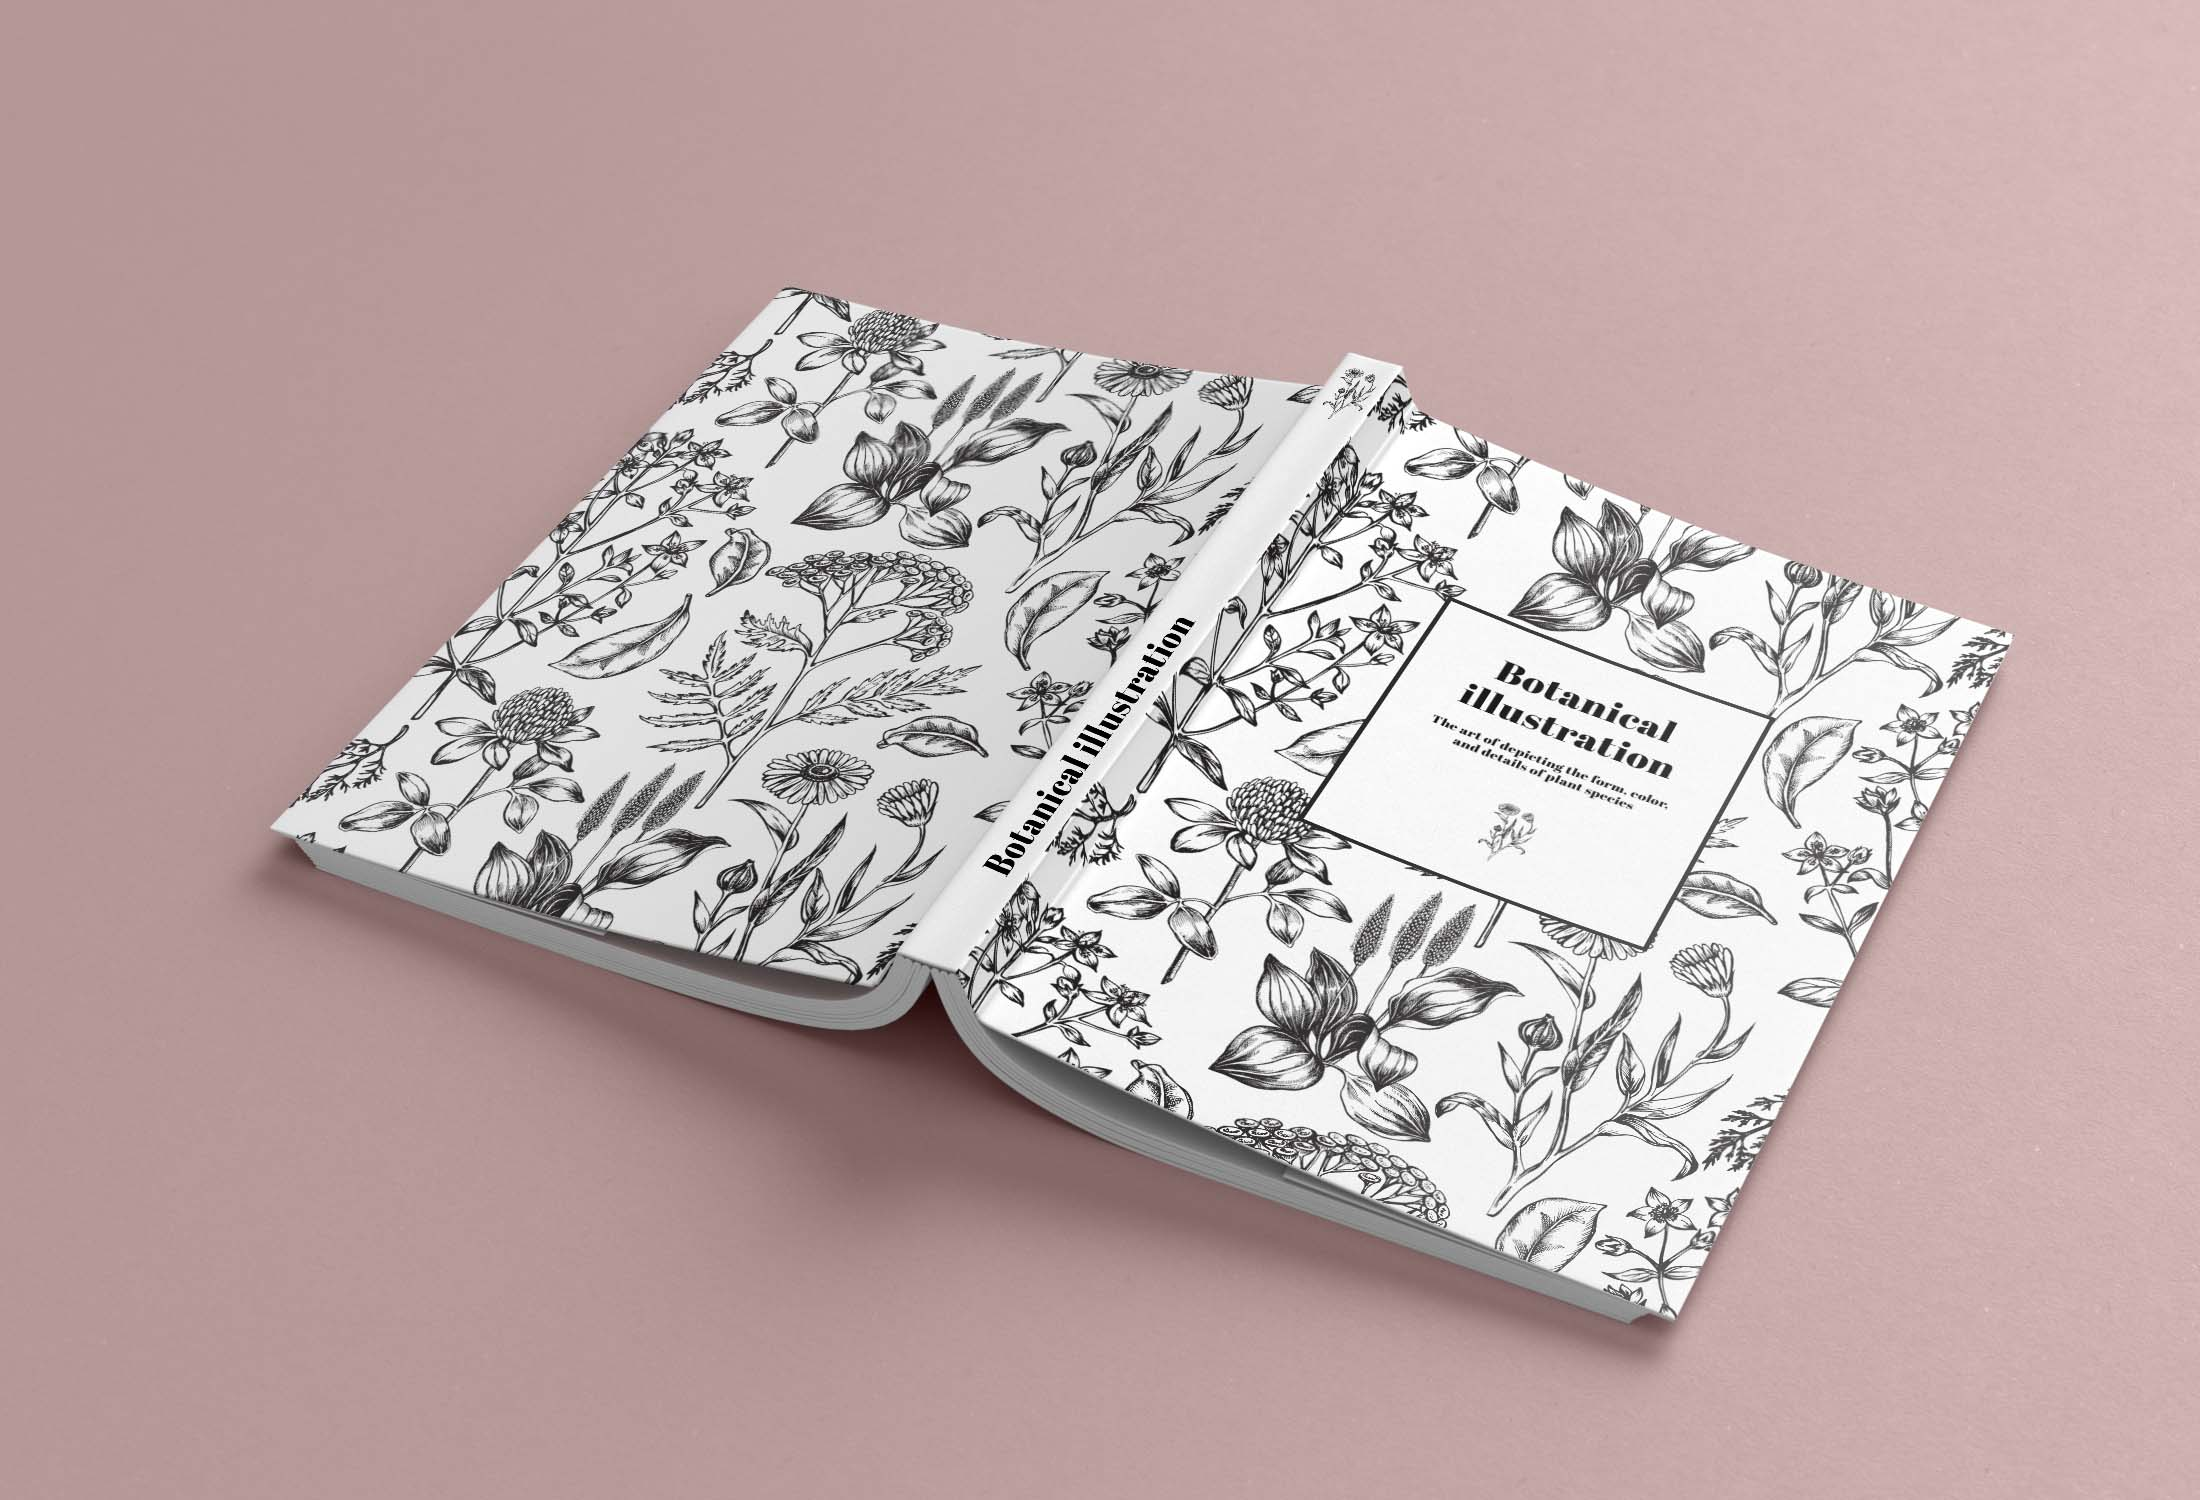 Aufgeklapptes Buch mit Fadenheftung und Softcover